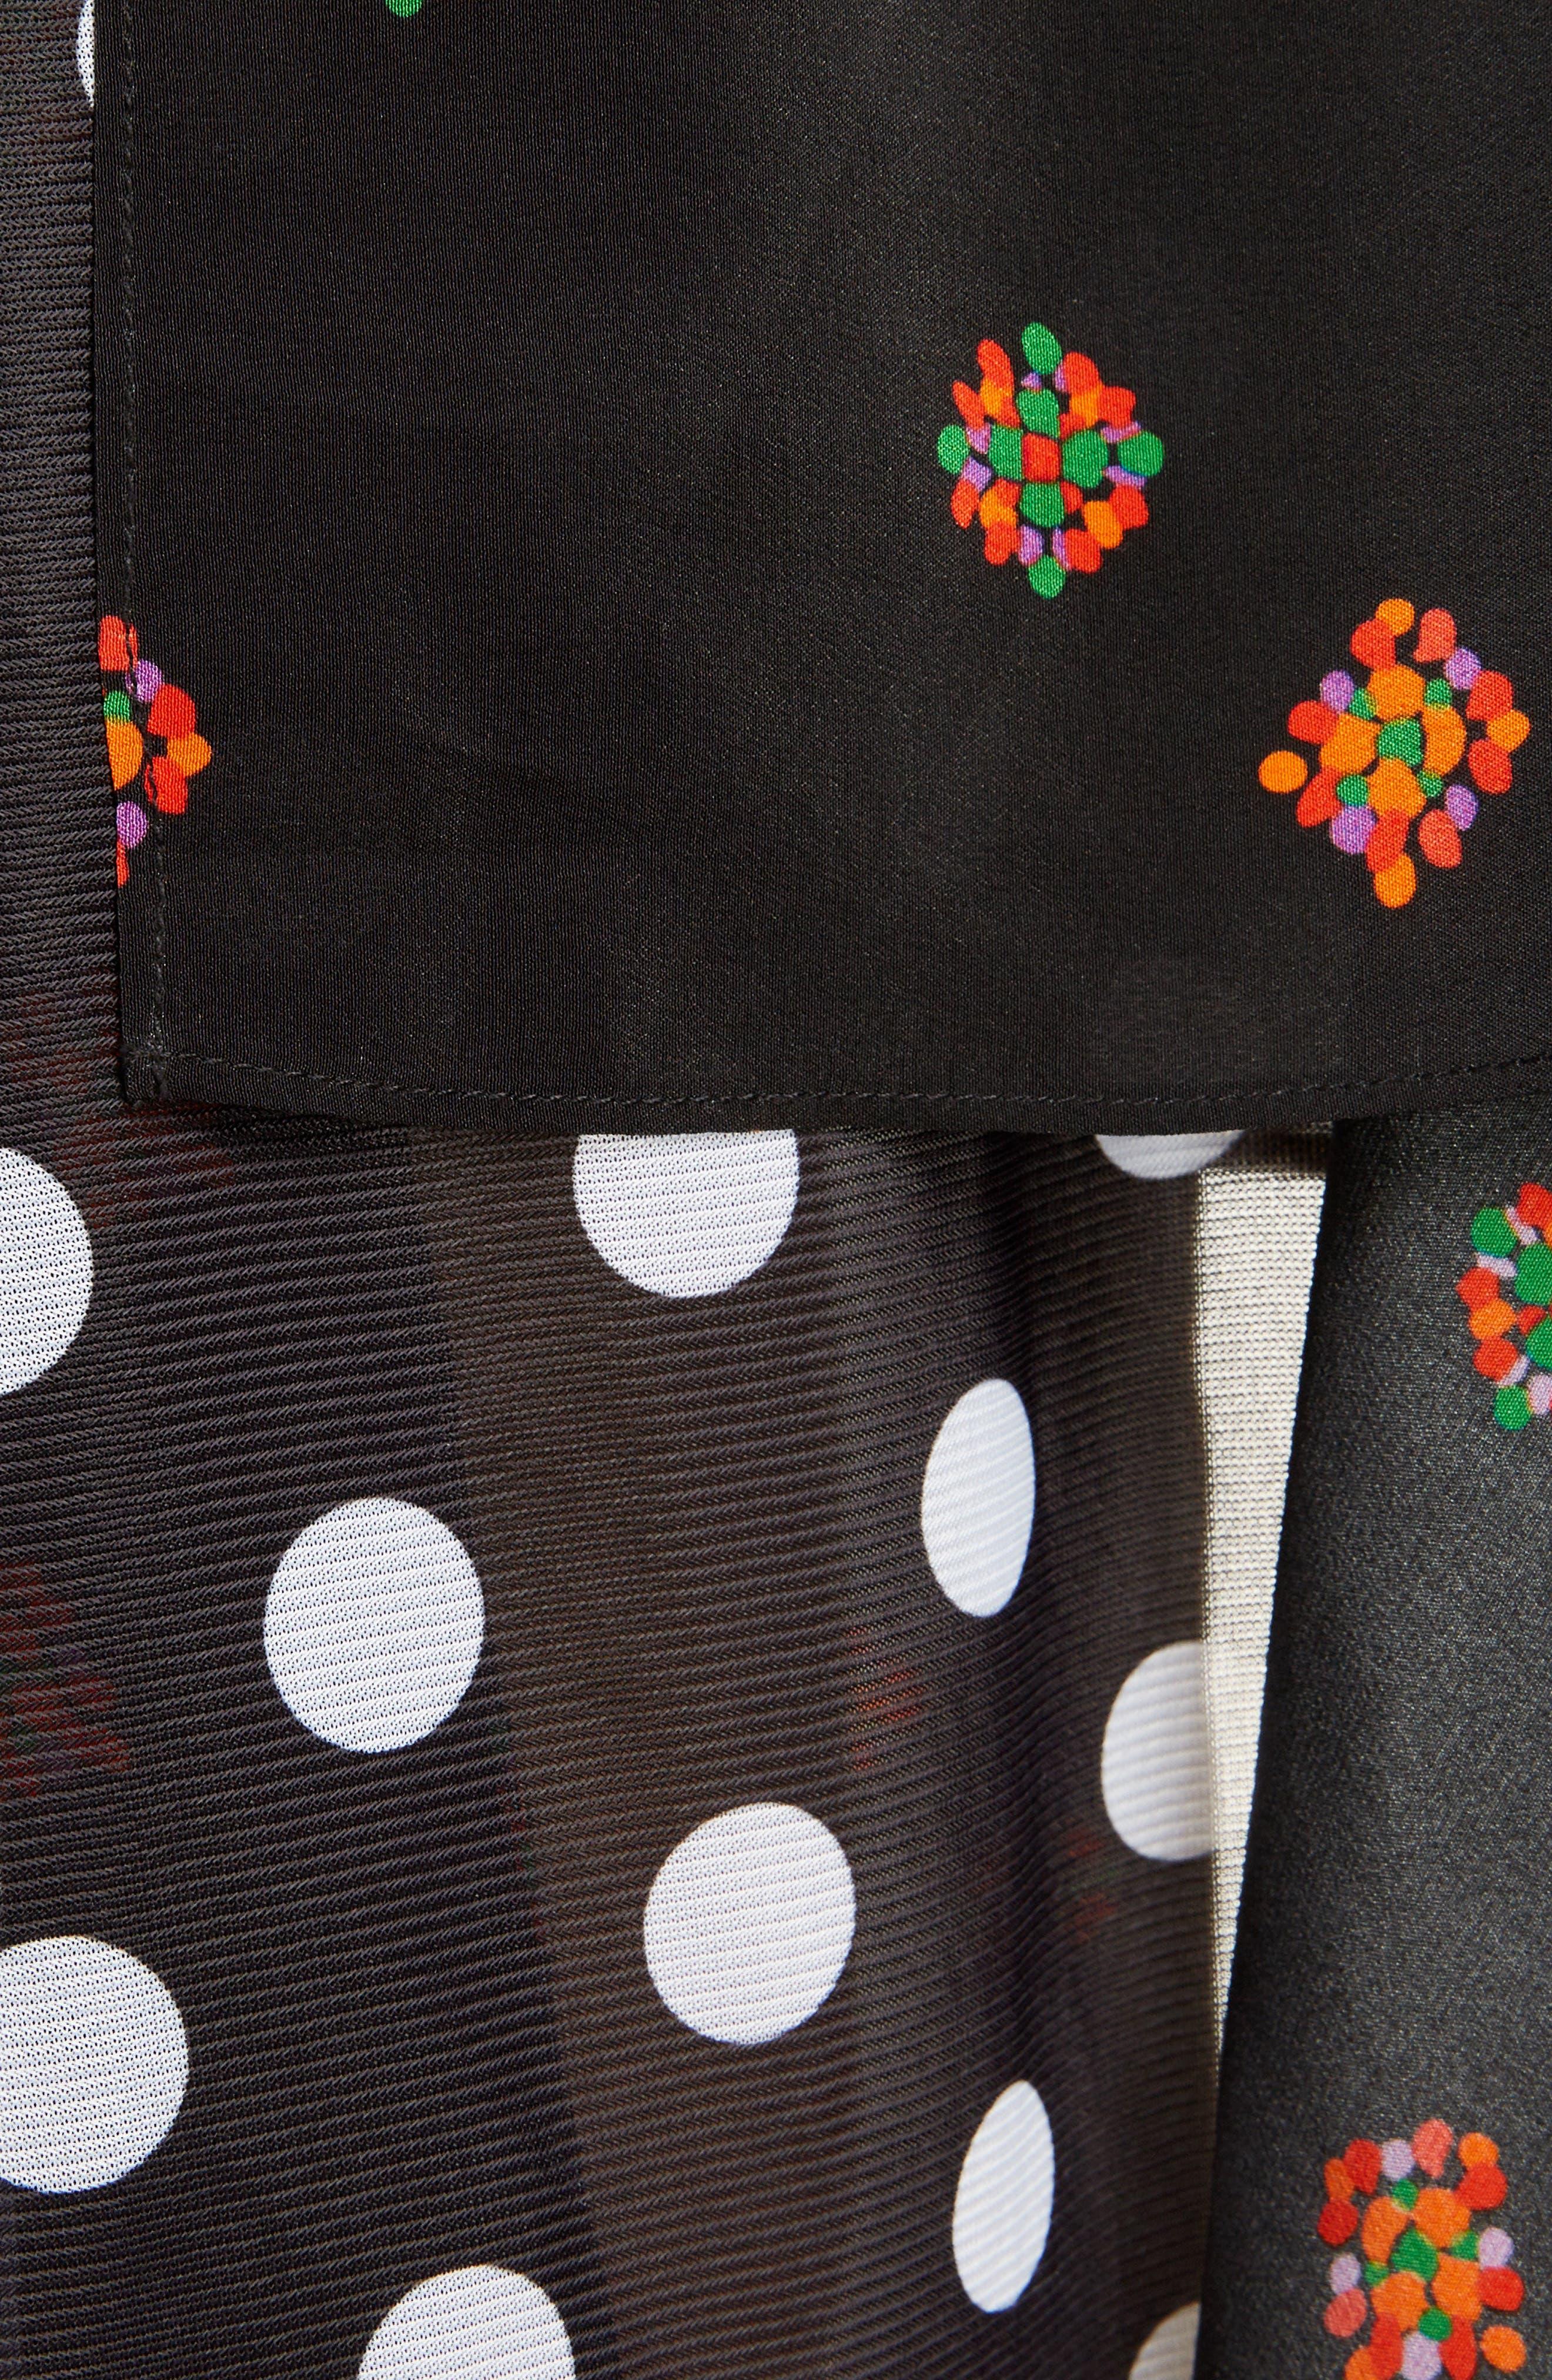 Polka Dot & Floral Panel Skirt,                             Alternate thumbnail 5, color,                             Black